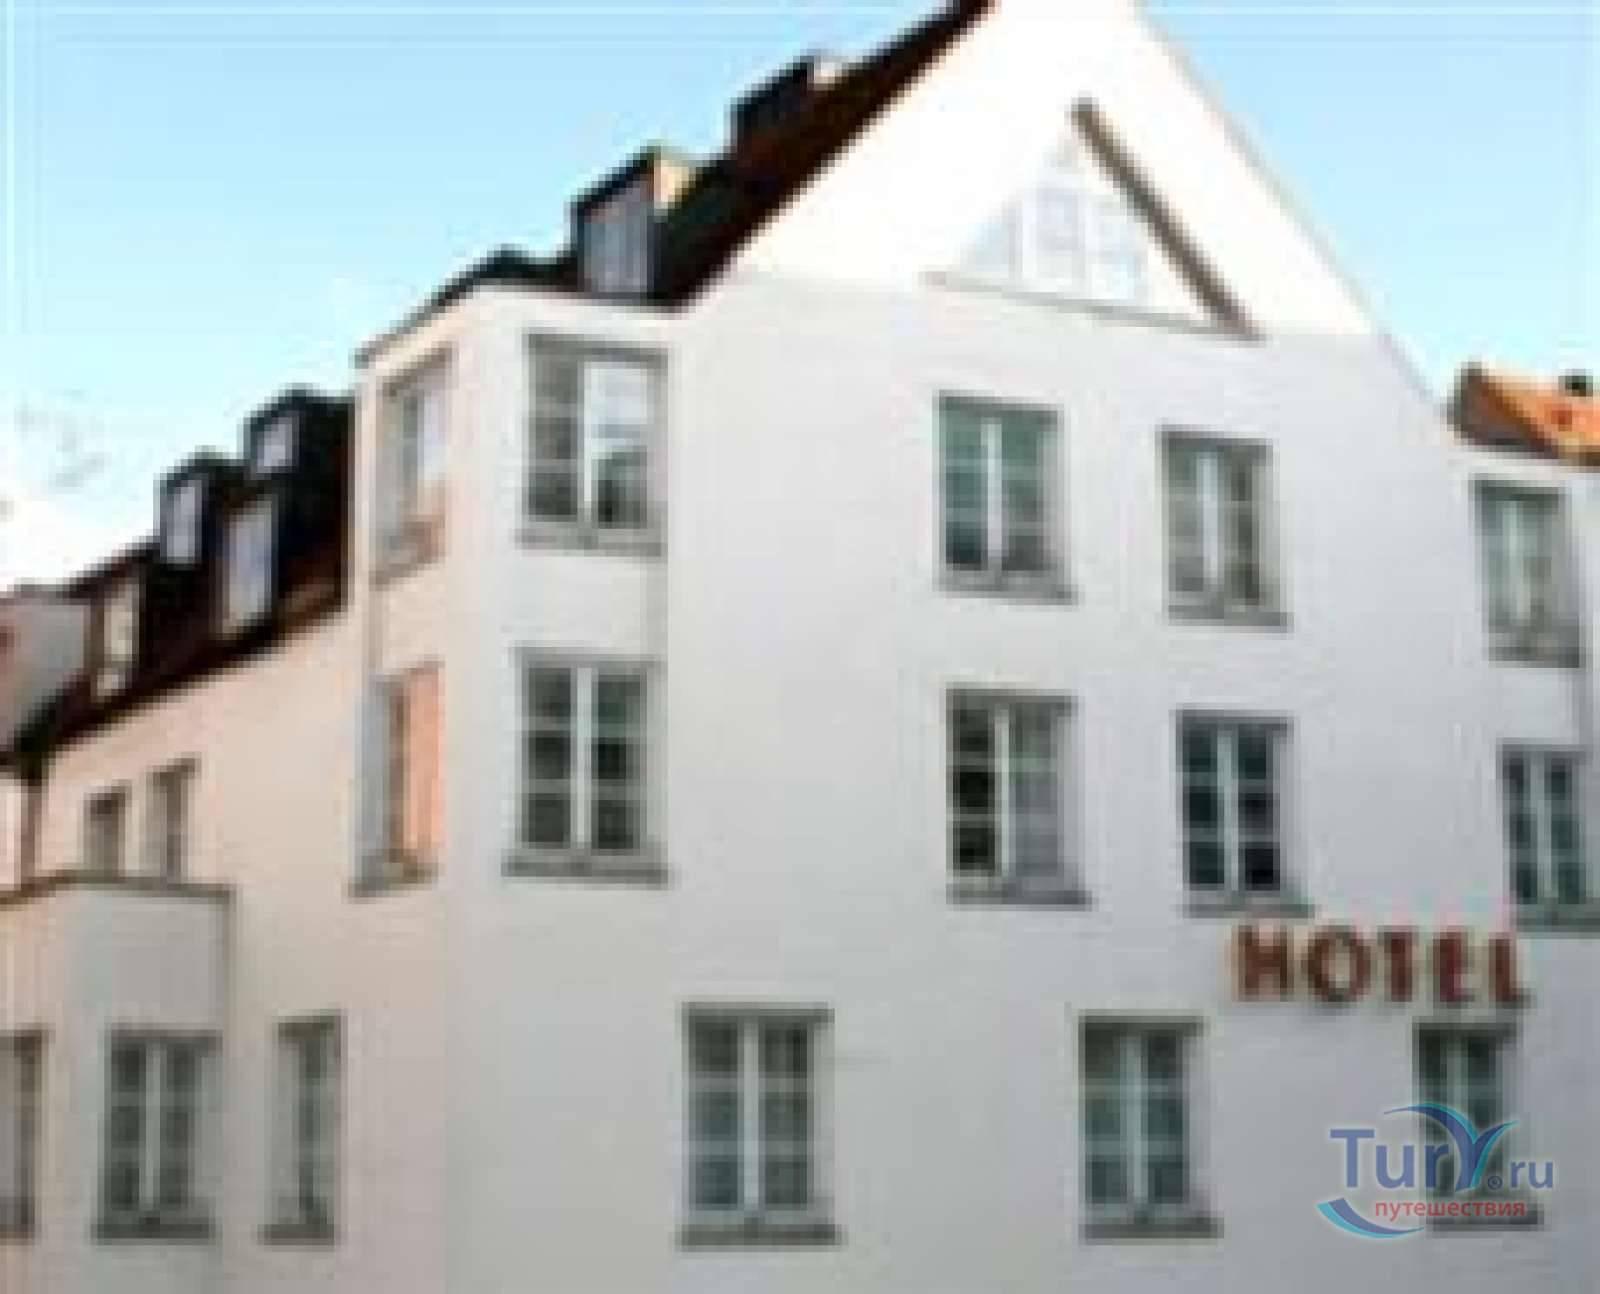 Анализ инвестиционной привлекательности недвижимости в Аугсбурге